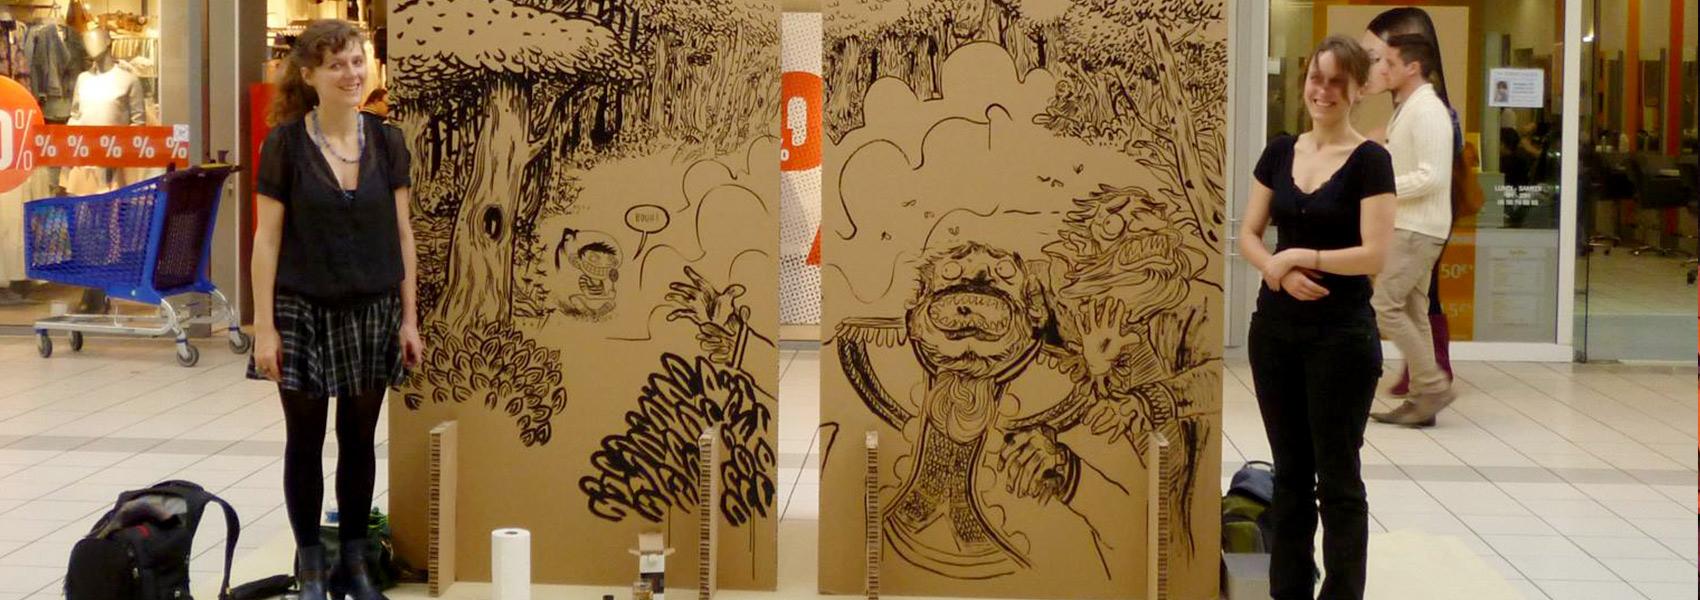 Exposition galerie Carrefour Lormont - En PréamBulles - Faites des Bulles